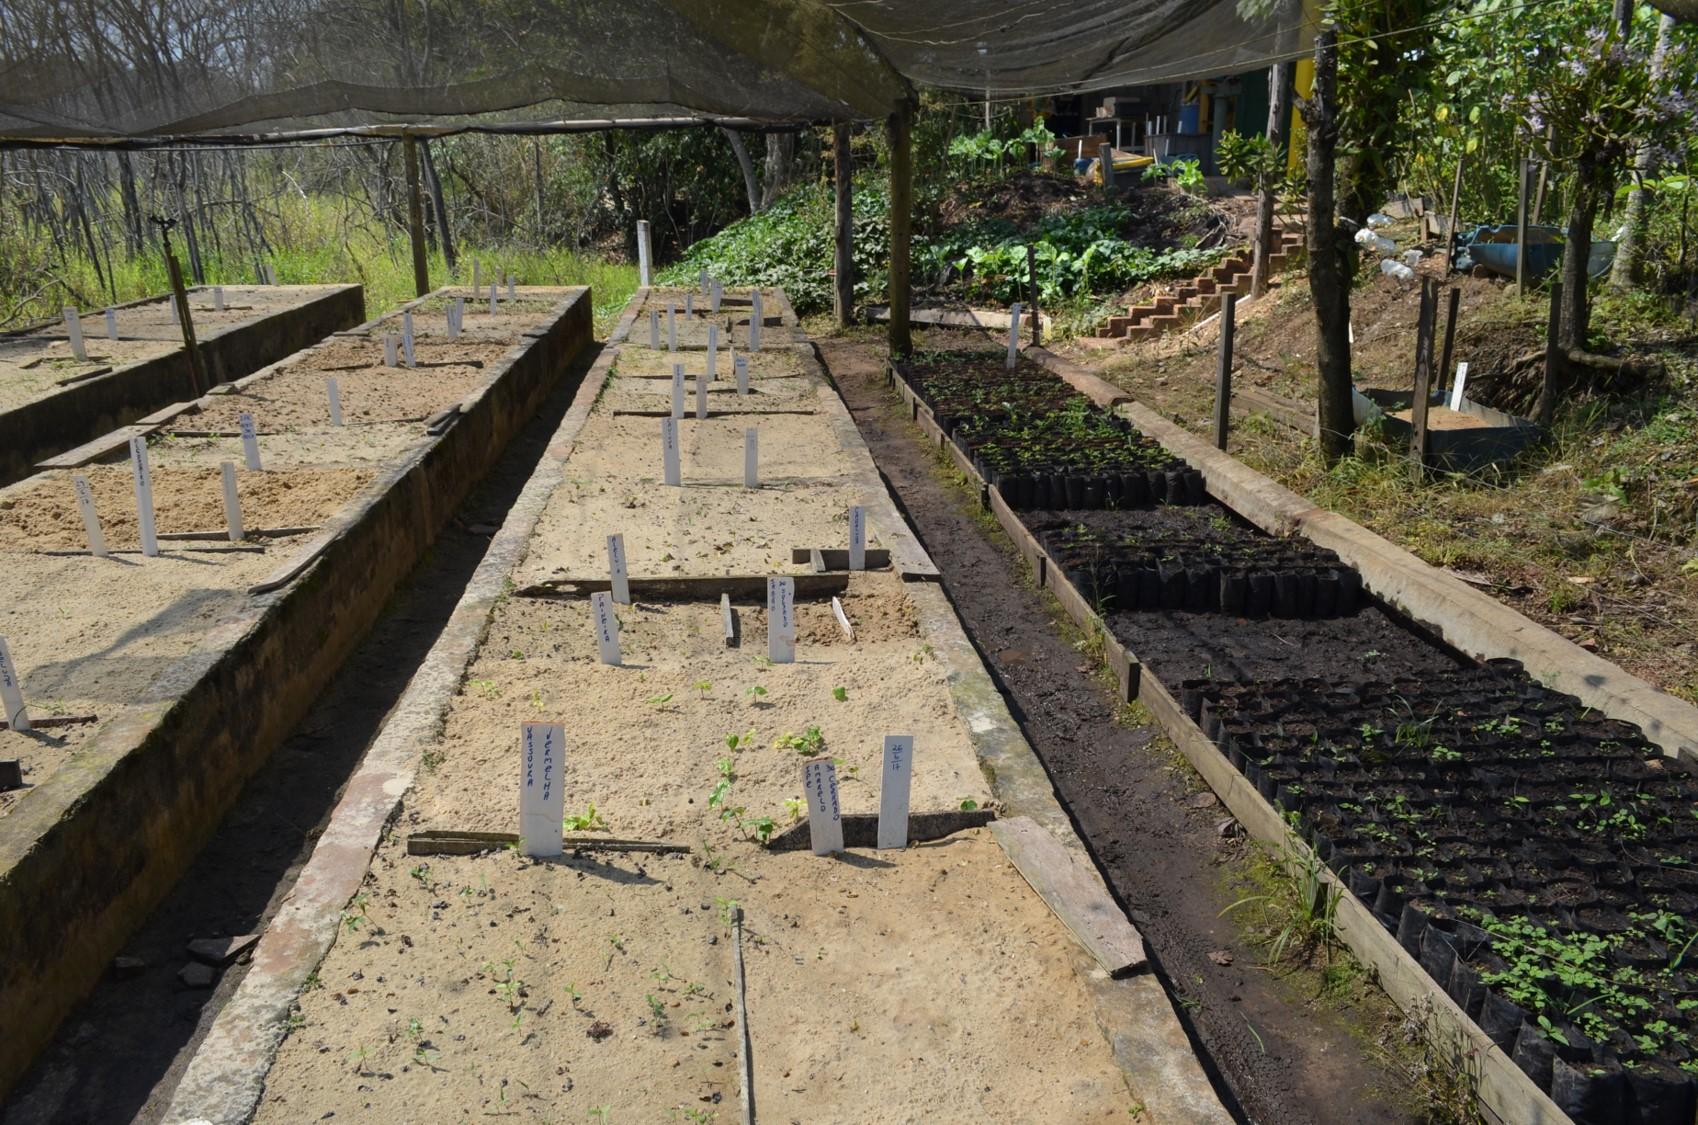 Foto 3 – Trecho do Viveiro destinado à germinação de sementes de espécies florestais com a identificação da espécie e tratamento germinativo no Viveiro Árvores Brasileiras, em Iperó, SP.